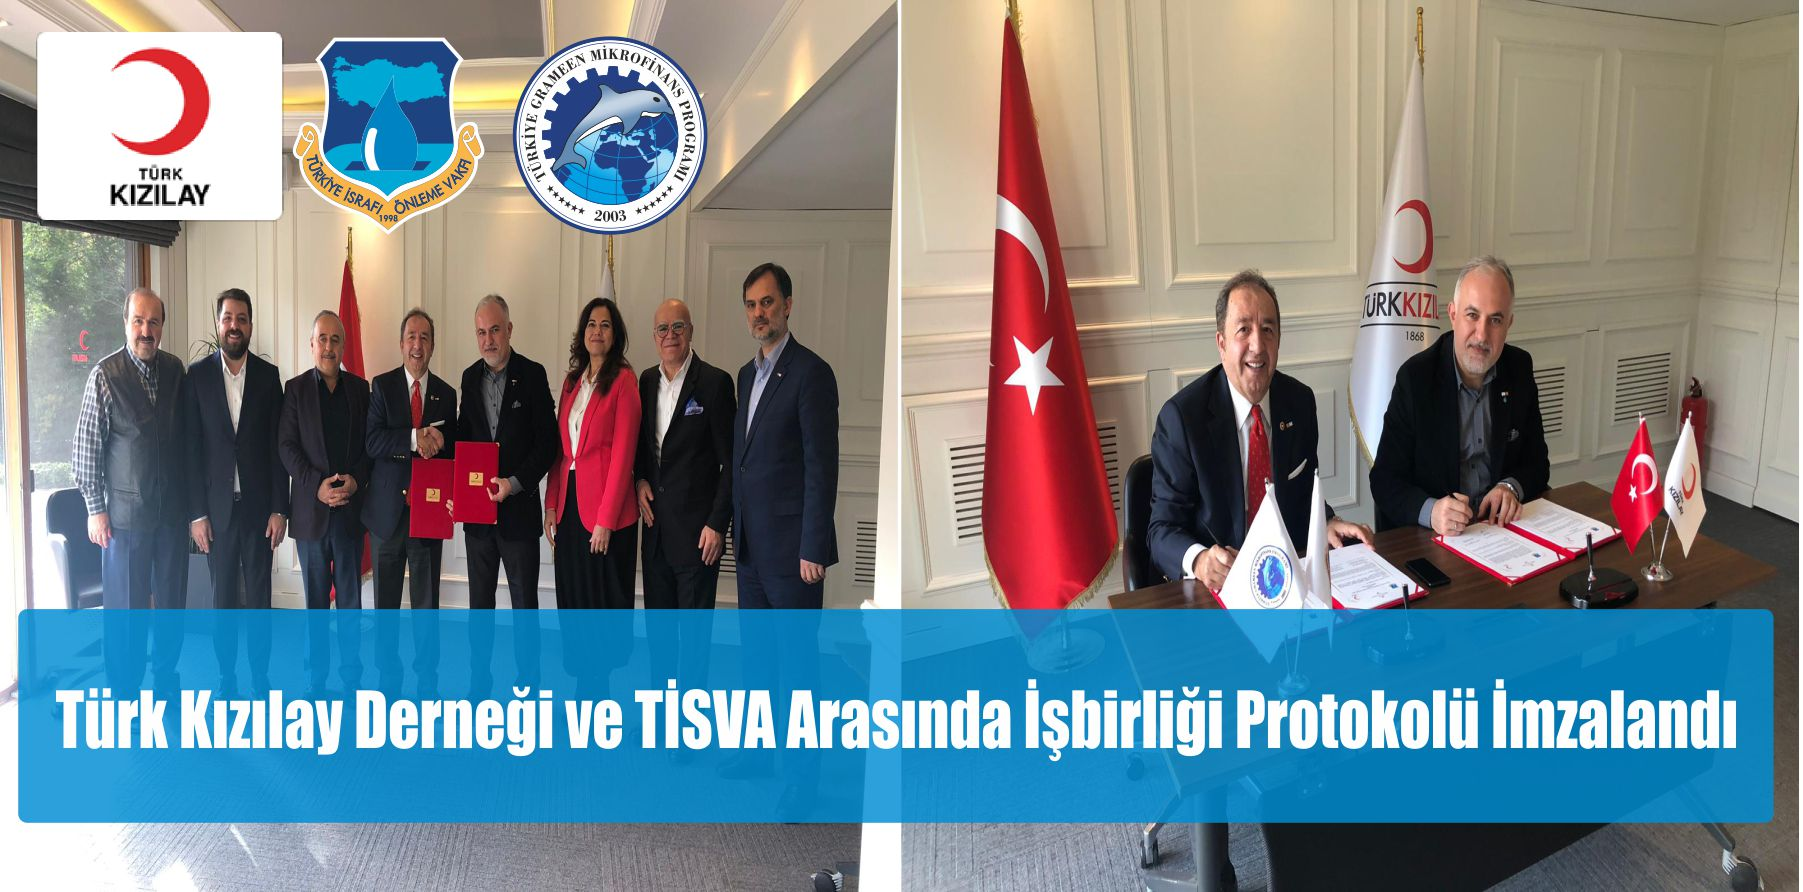 Türk Kızılay Derneği ve TİSVA Arasında İşbirliği Protokolü İmzalandı.